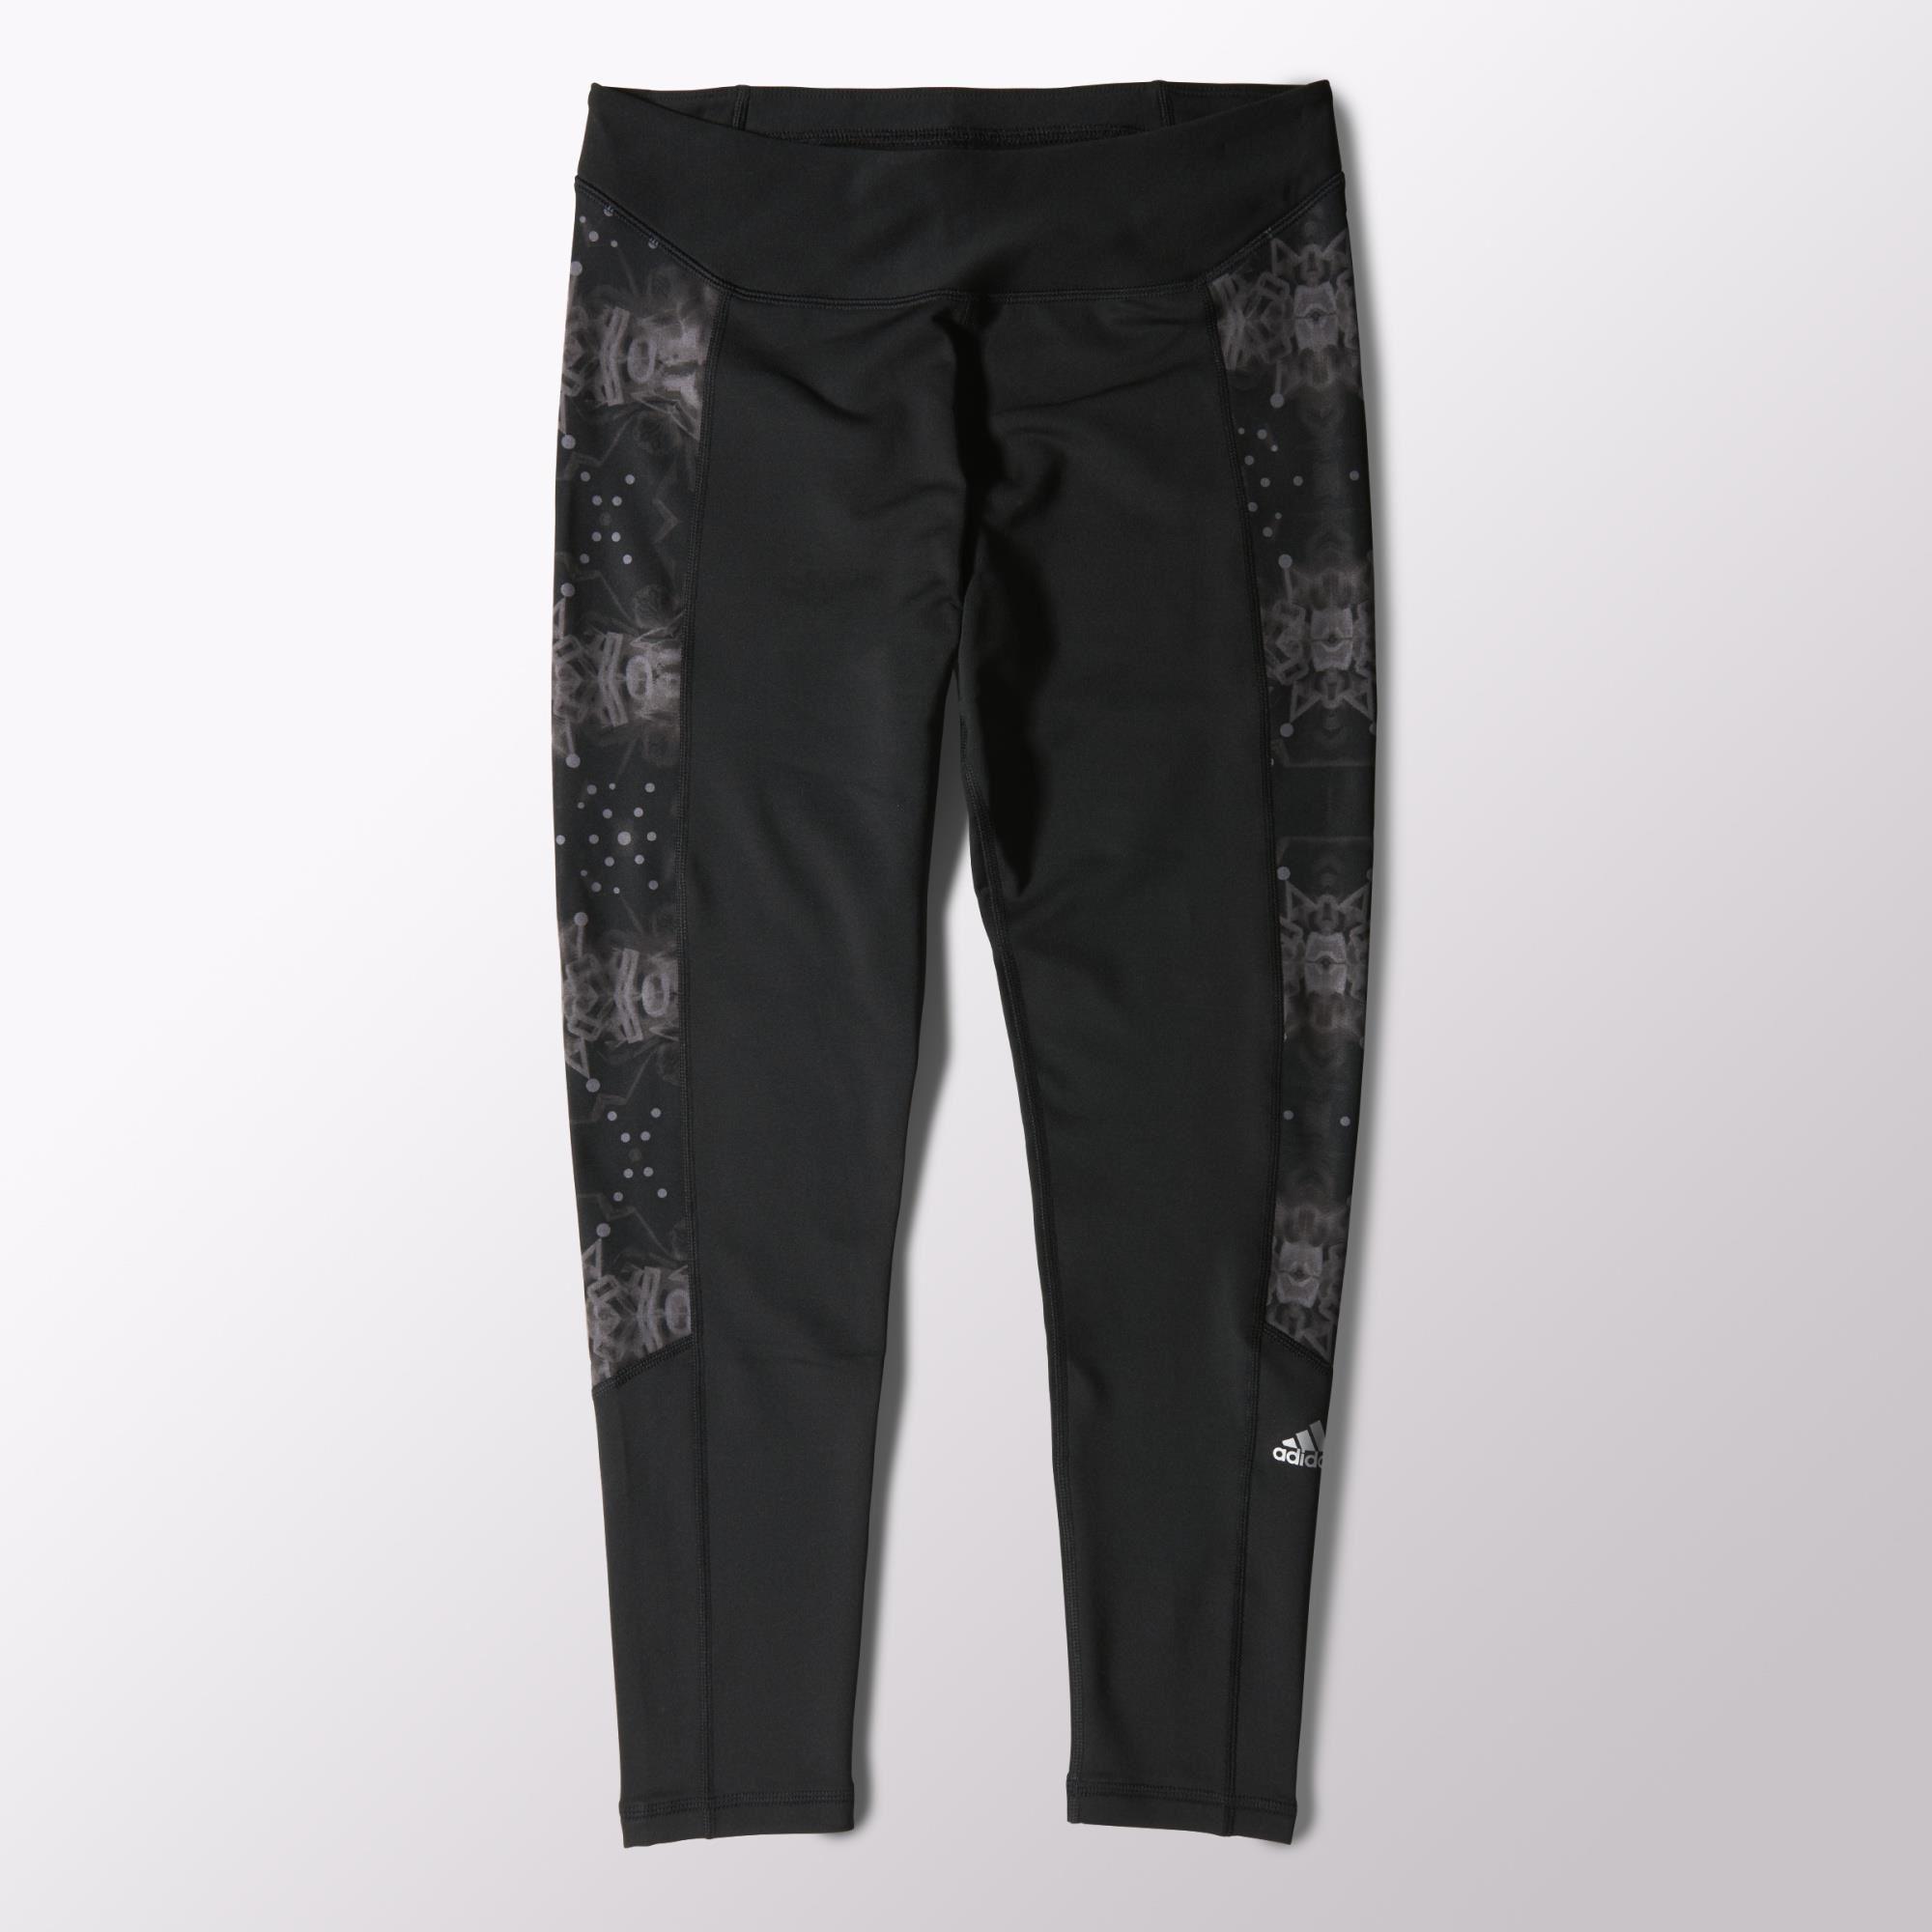 adidas - Techfit Climawarm Printed Tights